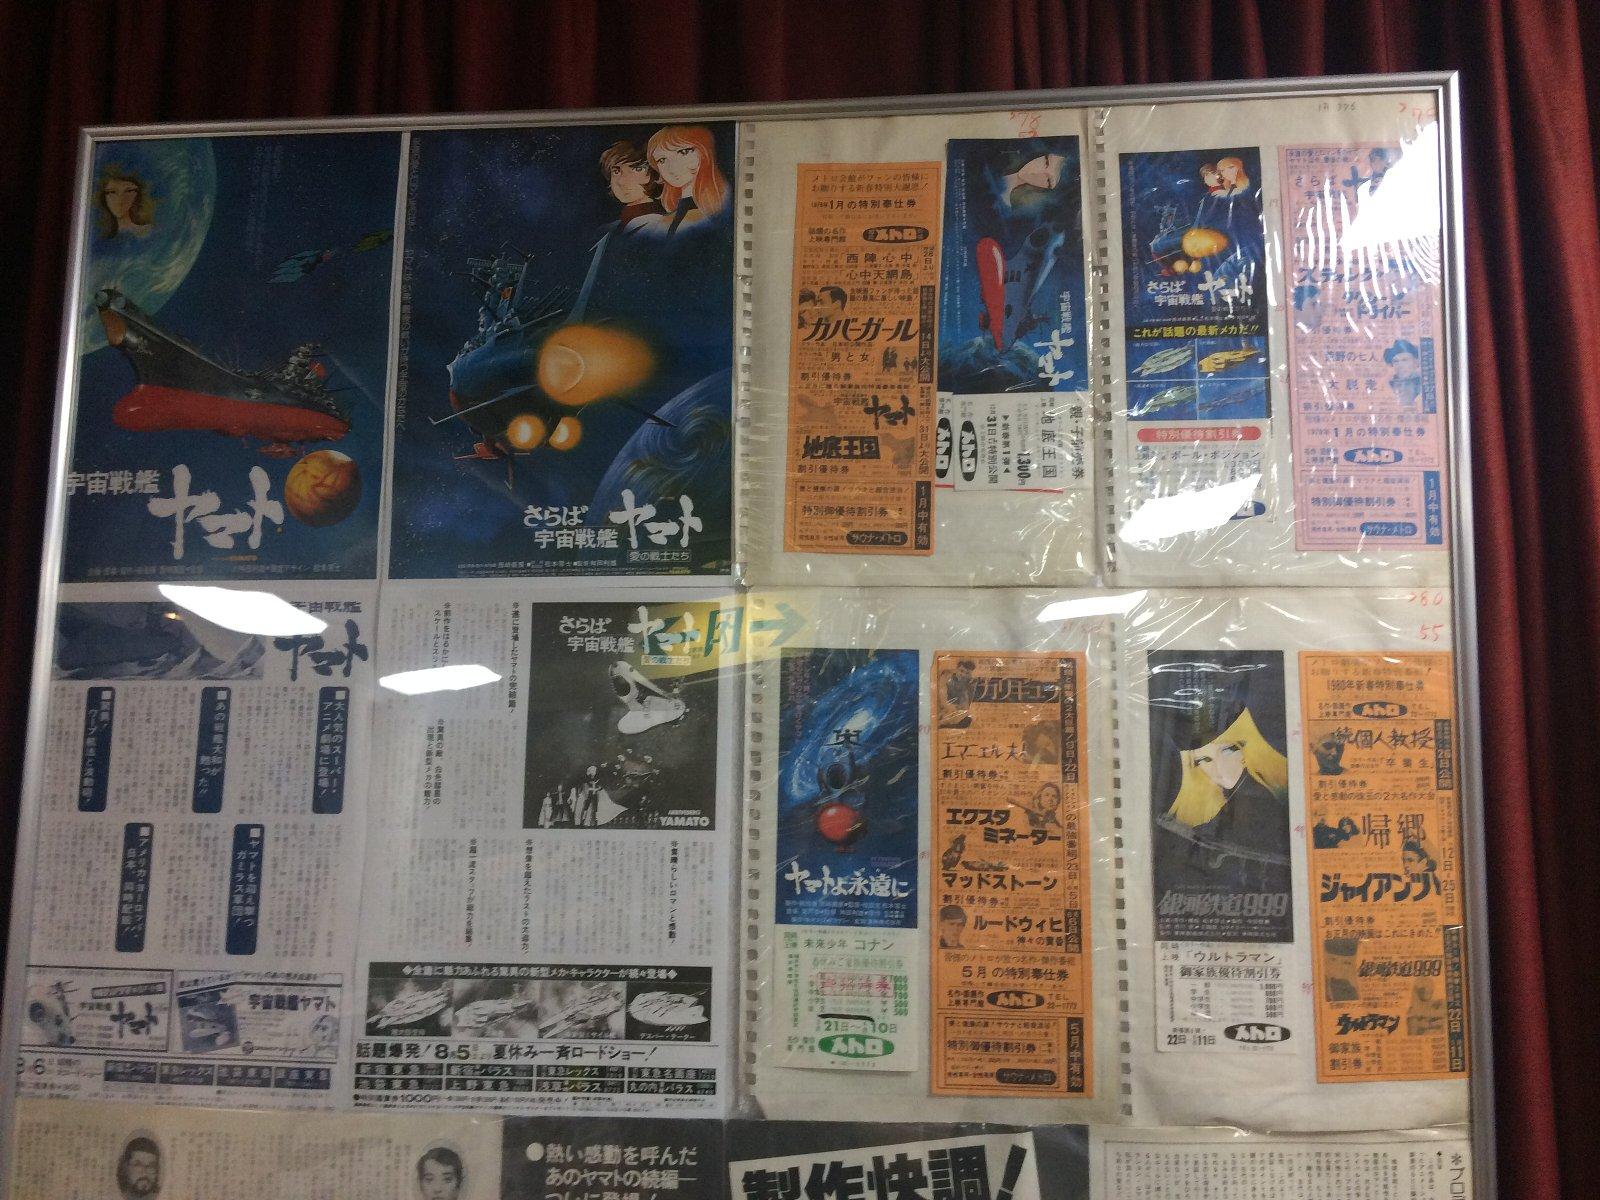 メトロ劇場 当時の上映資料